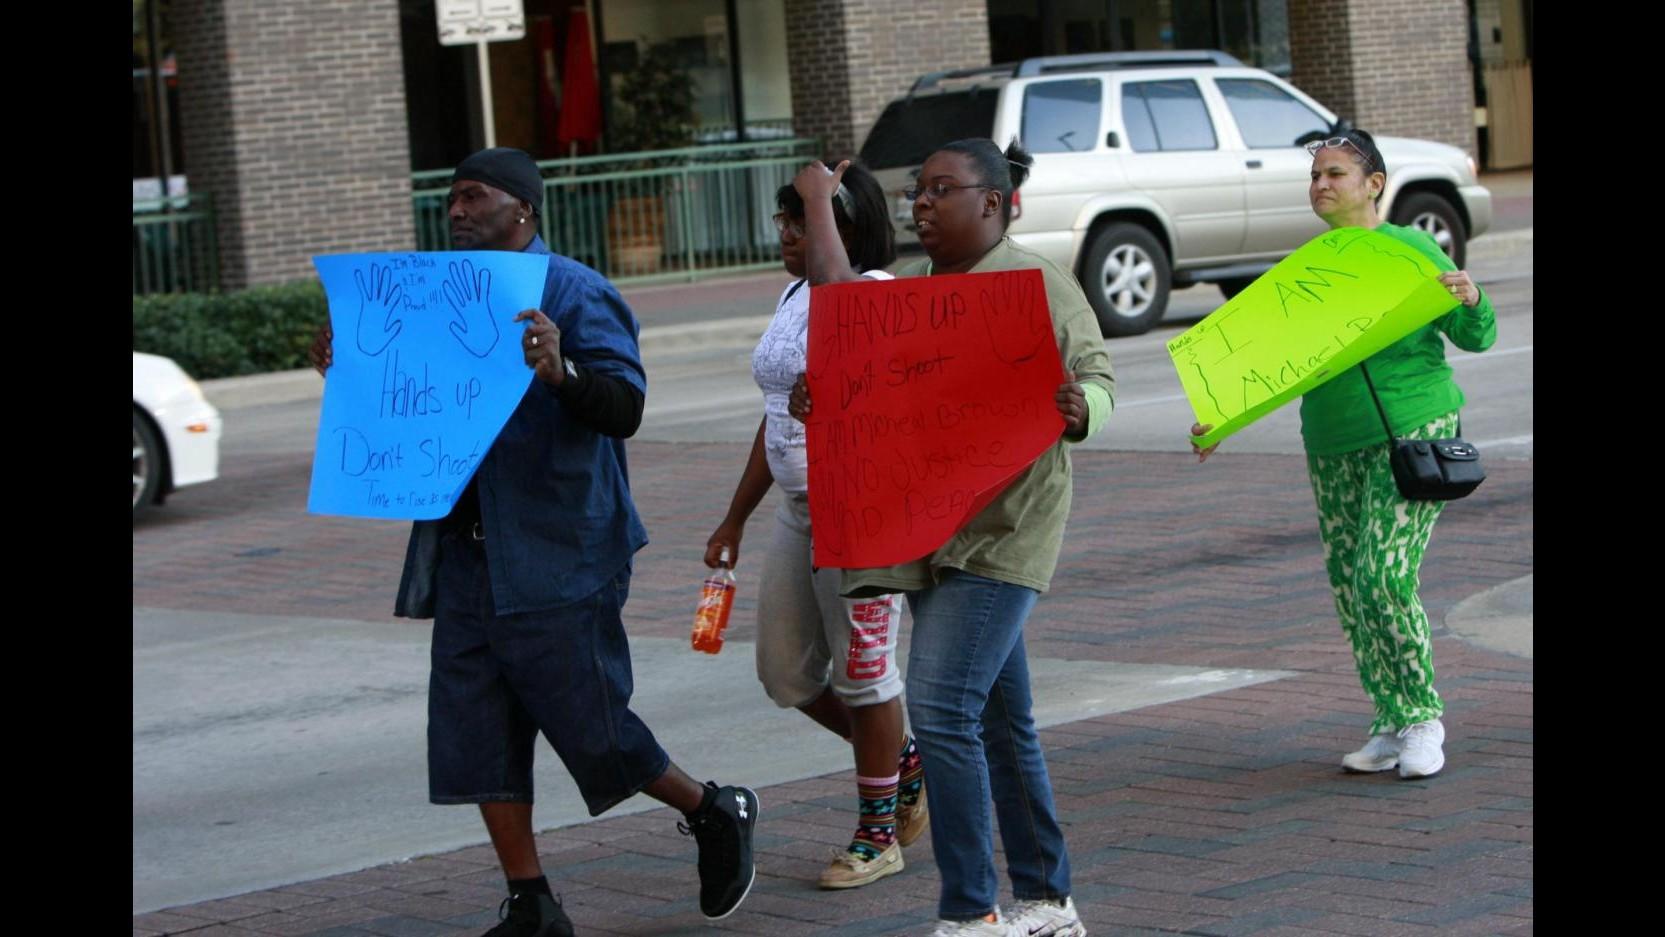 Usa, 19enne nero disarmato ucciso dalla polizia. Obama ricorda 50 anni marcia di Selma